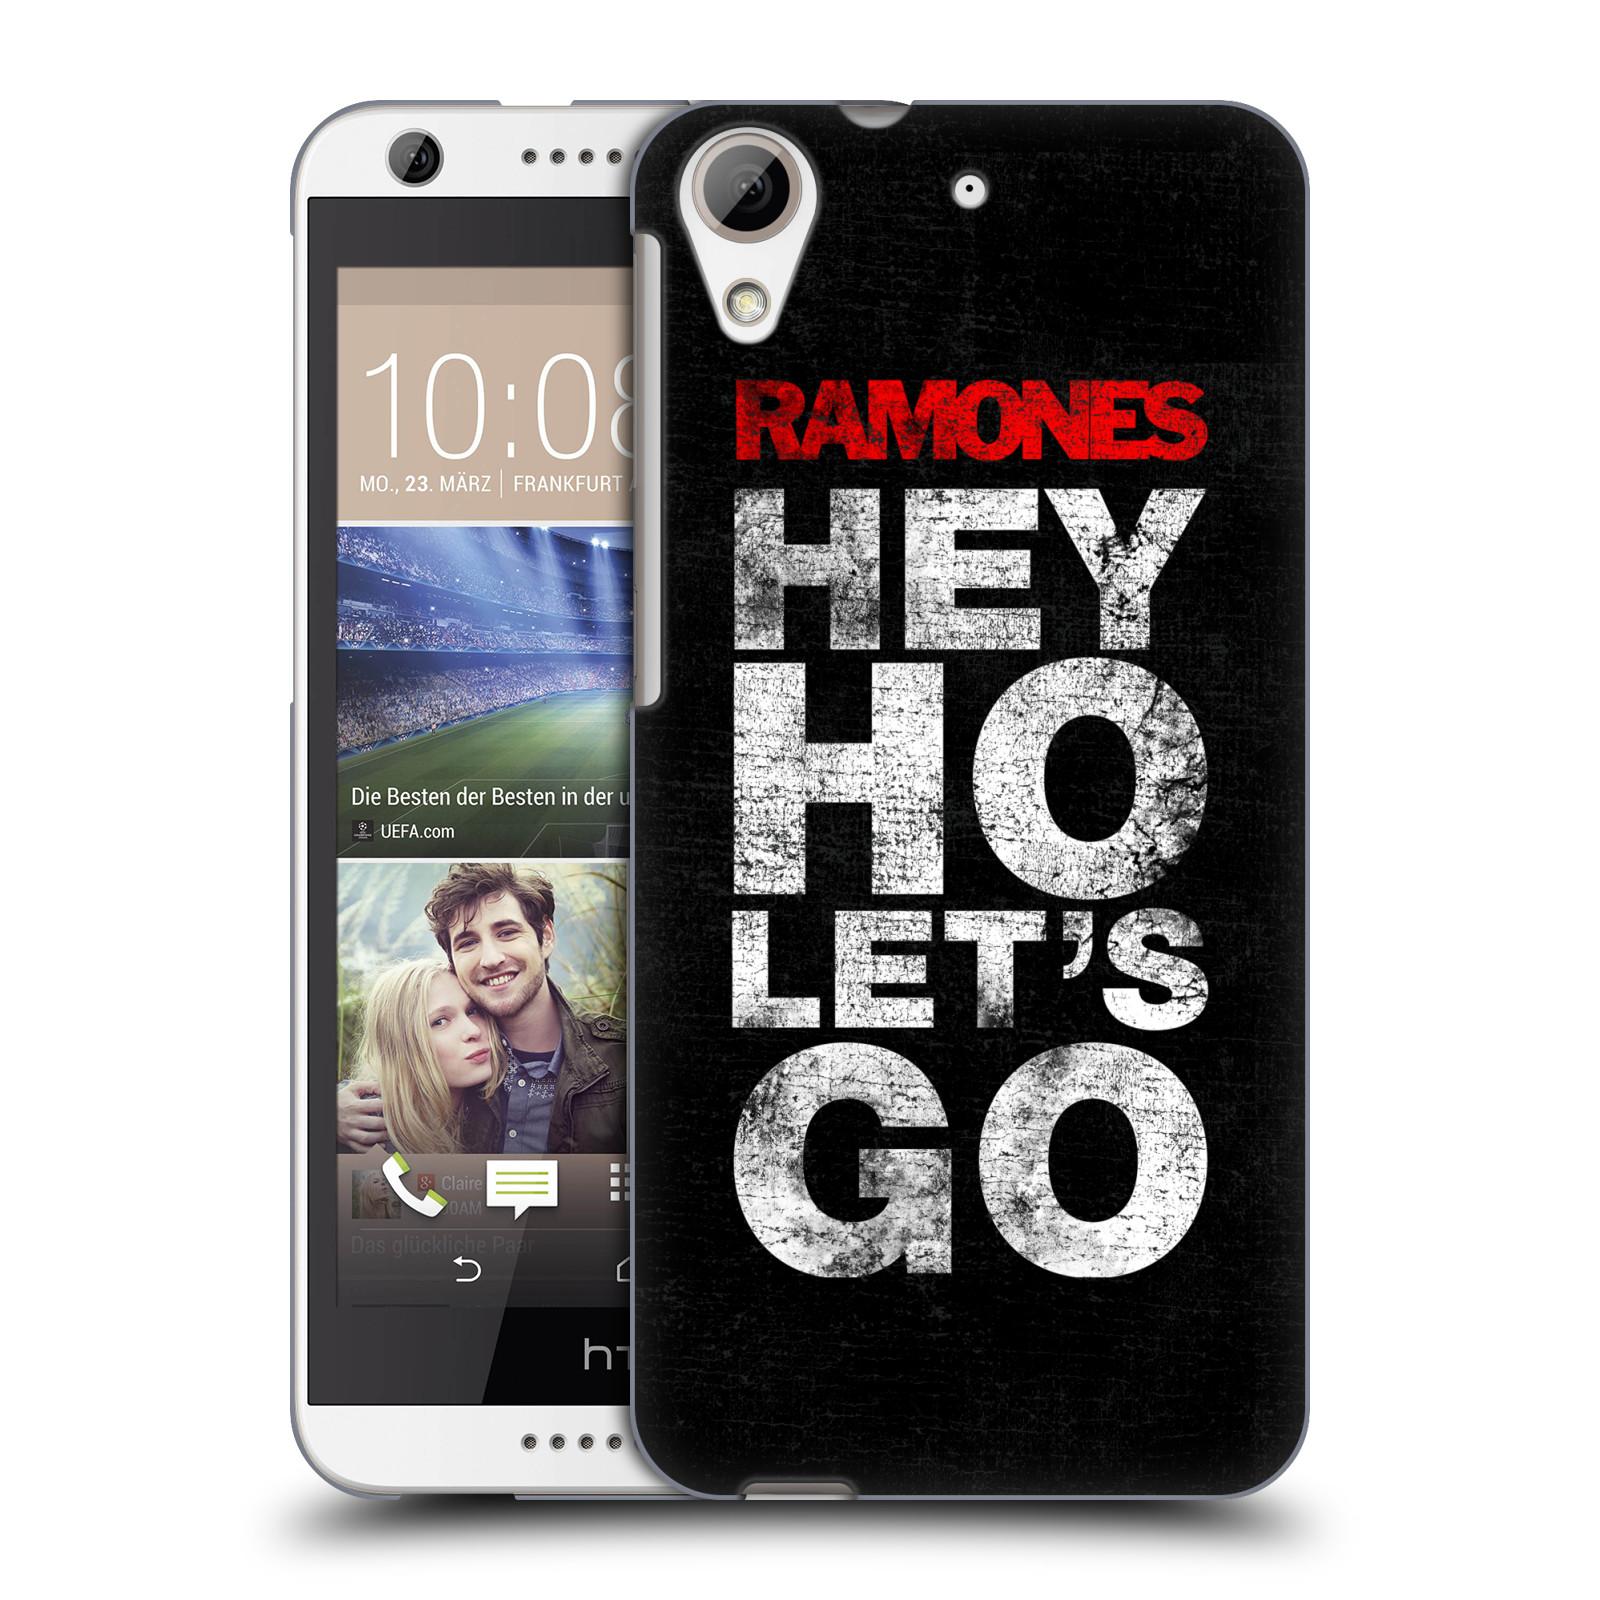 Plastové pouzdro na mobil HTC Desire 626 / 626G HEAD CASE The Ramones - HEY HO LET´S GO (Plastový kryt či obal na mobilní telefon s oficiálním licencovaným motivem The Ramones pro HTC Desire 626G Dual SIM a HTC Desire 626)